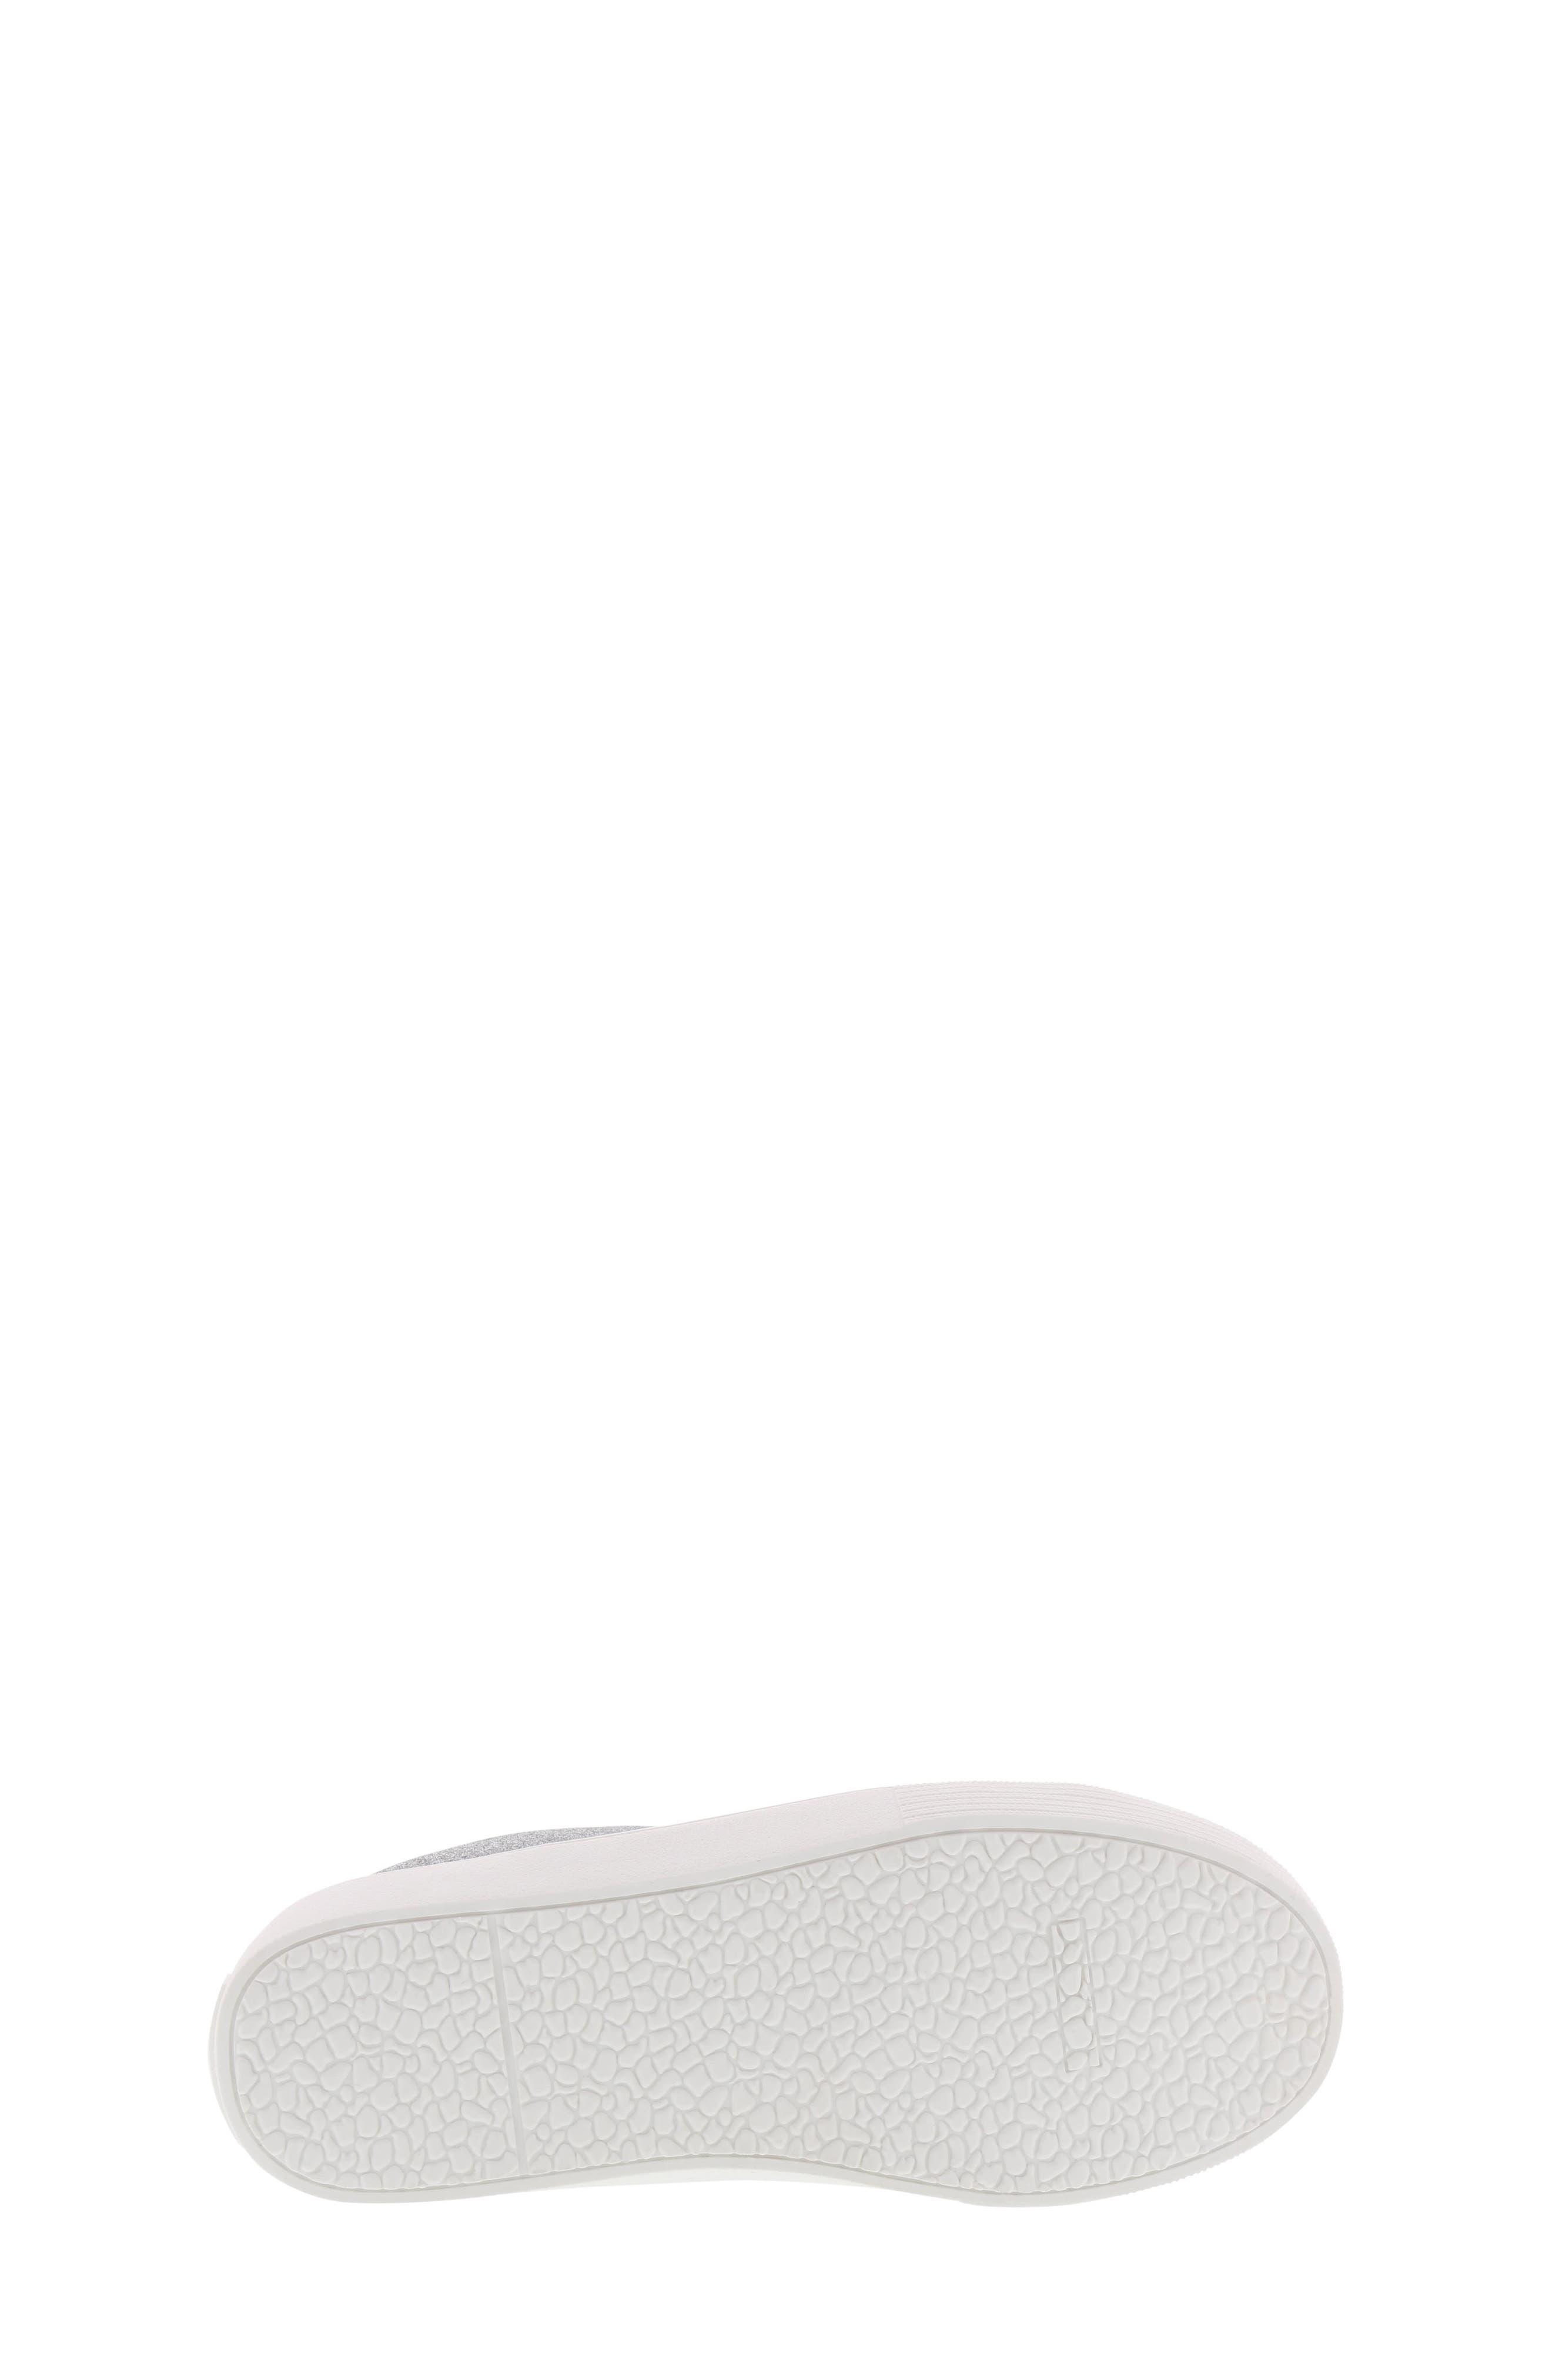 Bella Emma Slip-On Sneaker,                             Alternate thumbnail 5, color,                             Silver Glitter